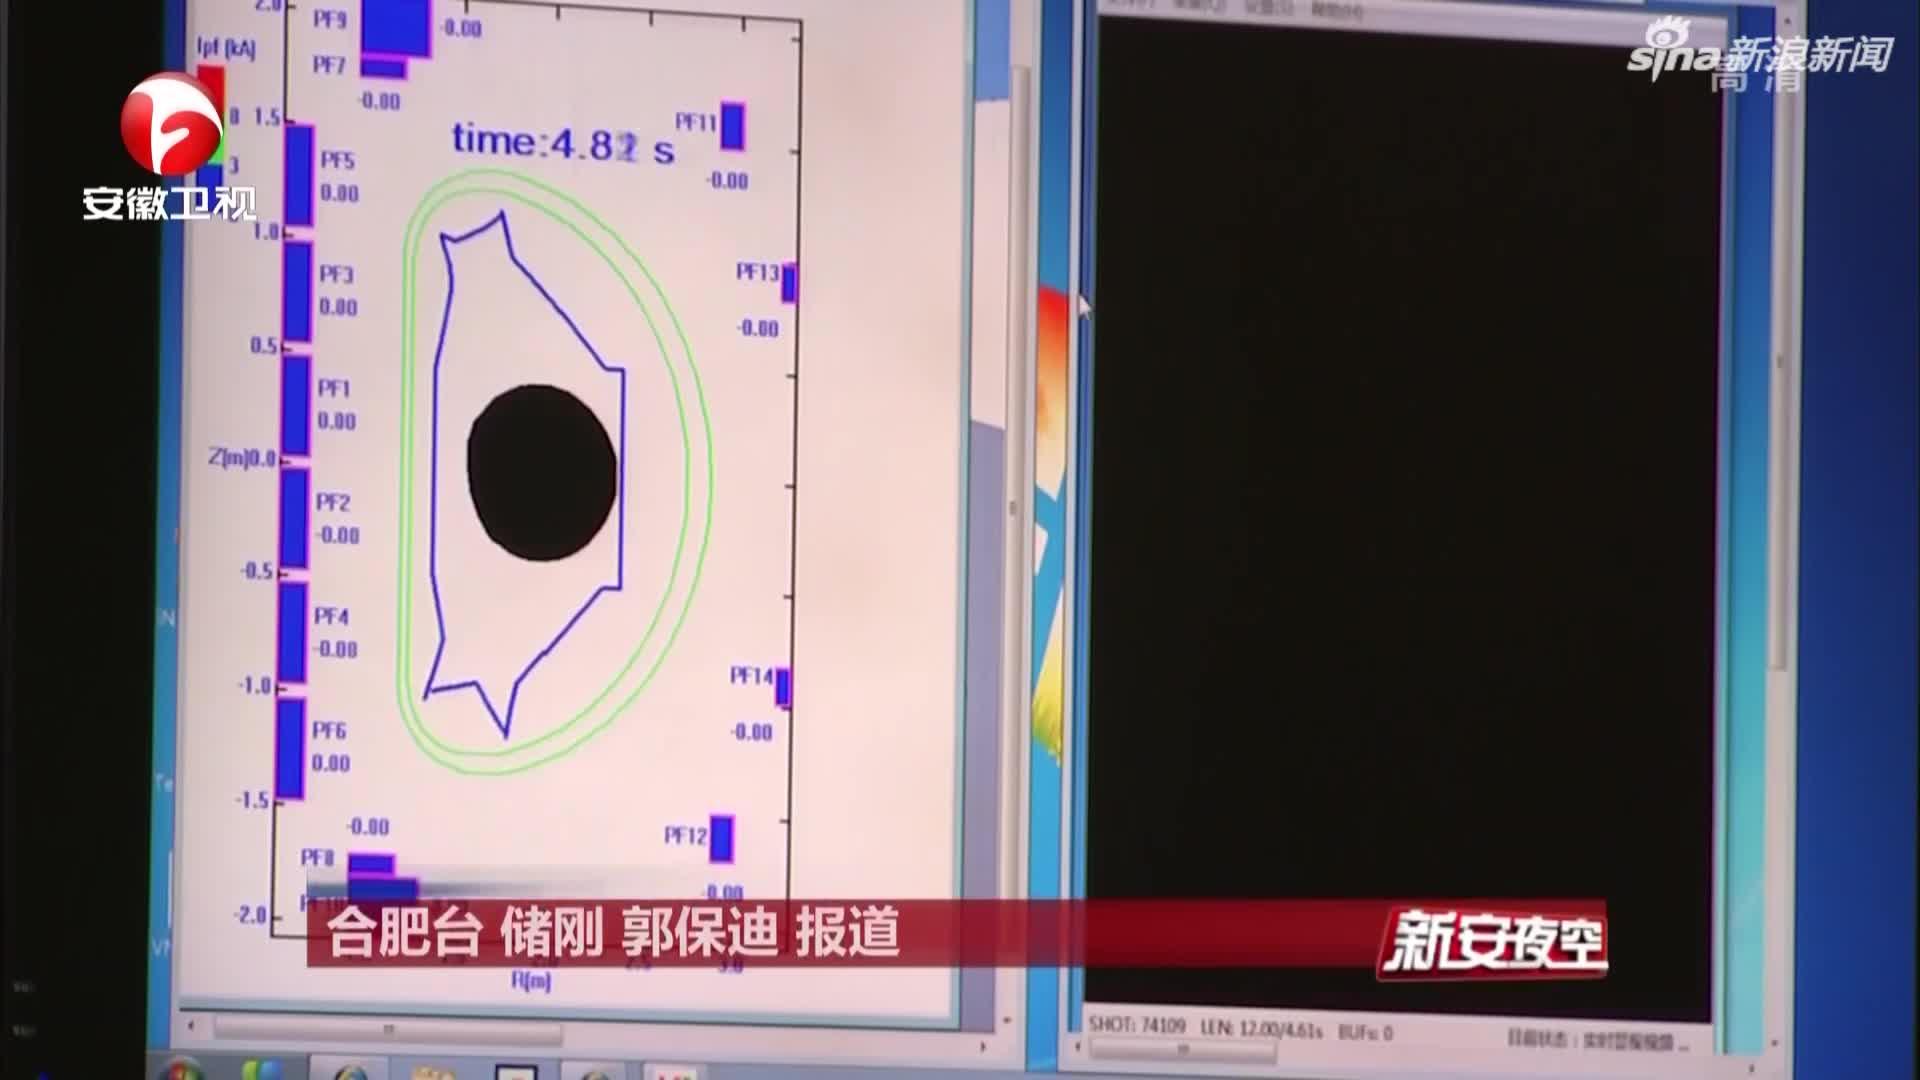 《新安夜空》中方团队中标国际热核聚变实验堆核心设备安装工程